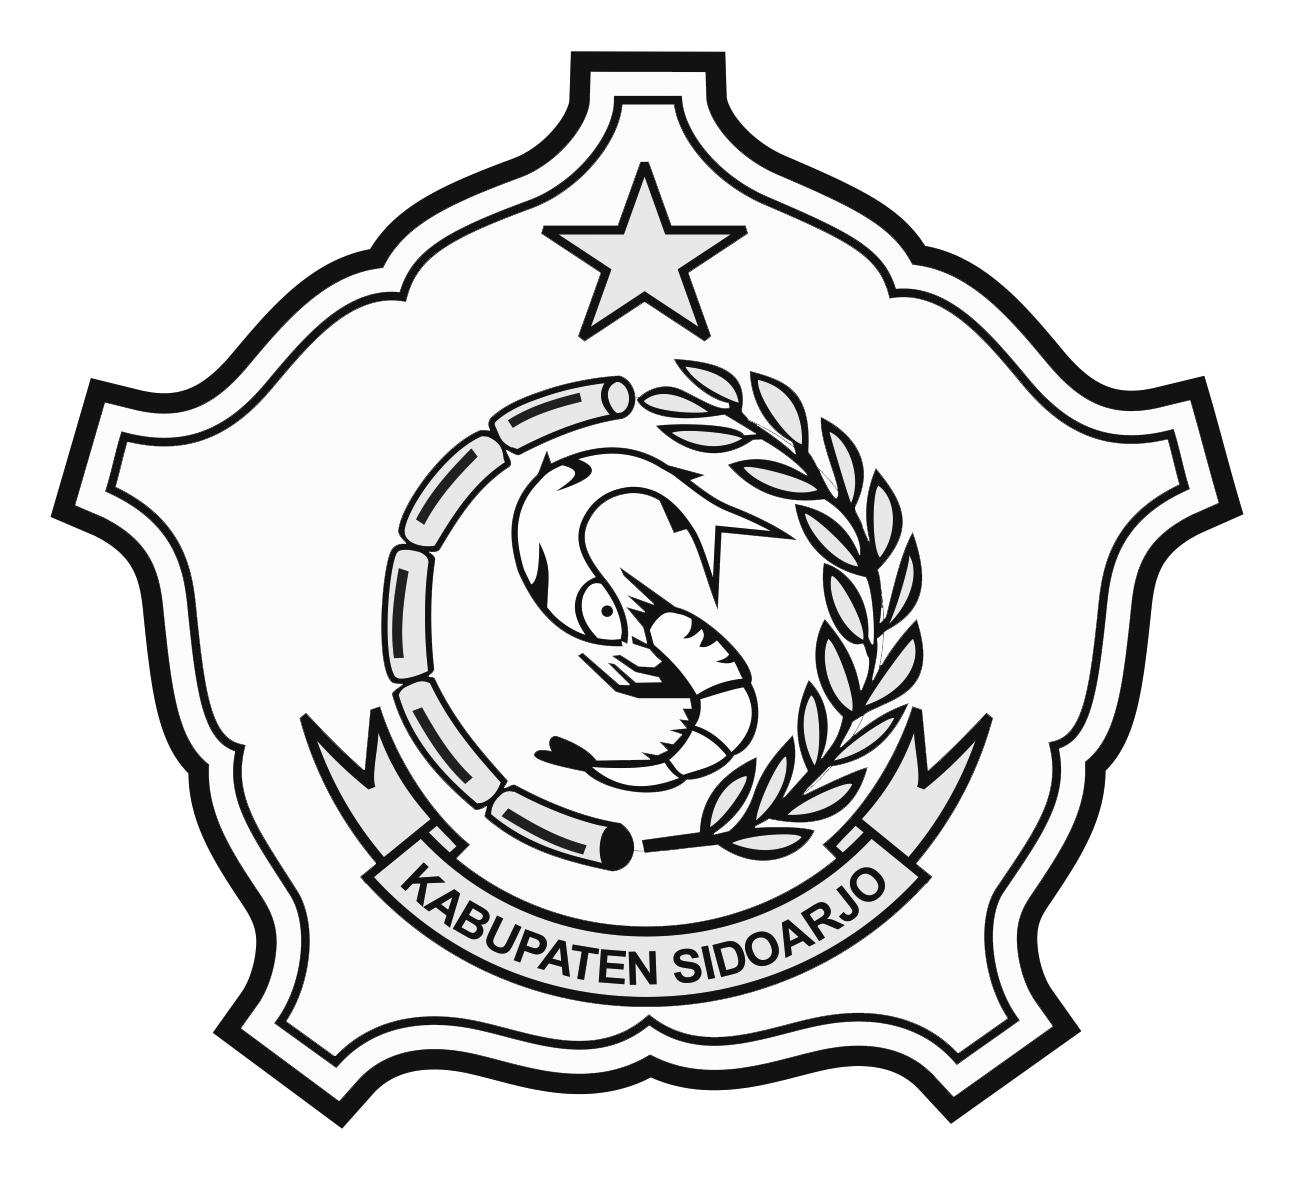 Logo Sidoarjo (Kabupaten Sidoarjo)Hitam Putih